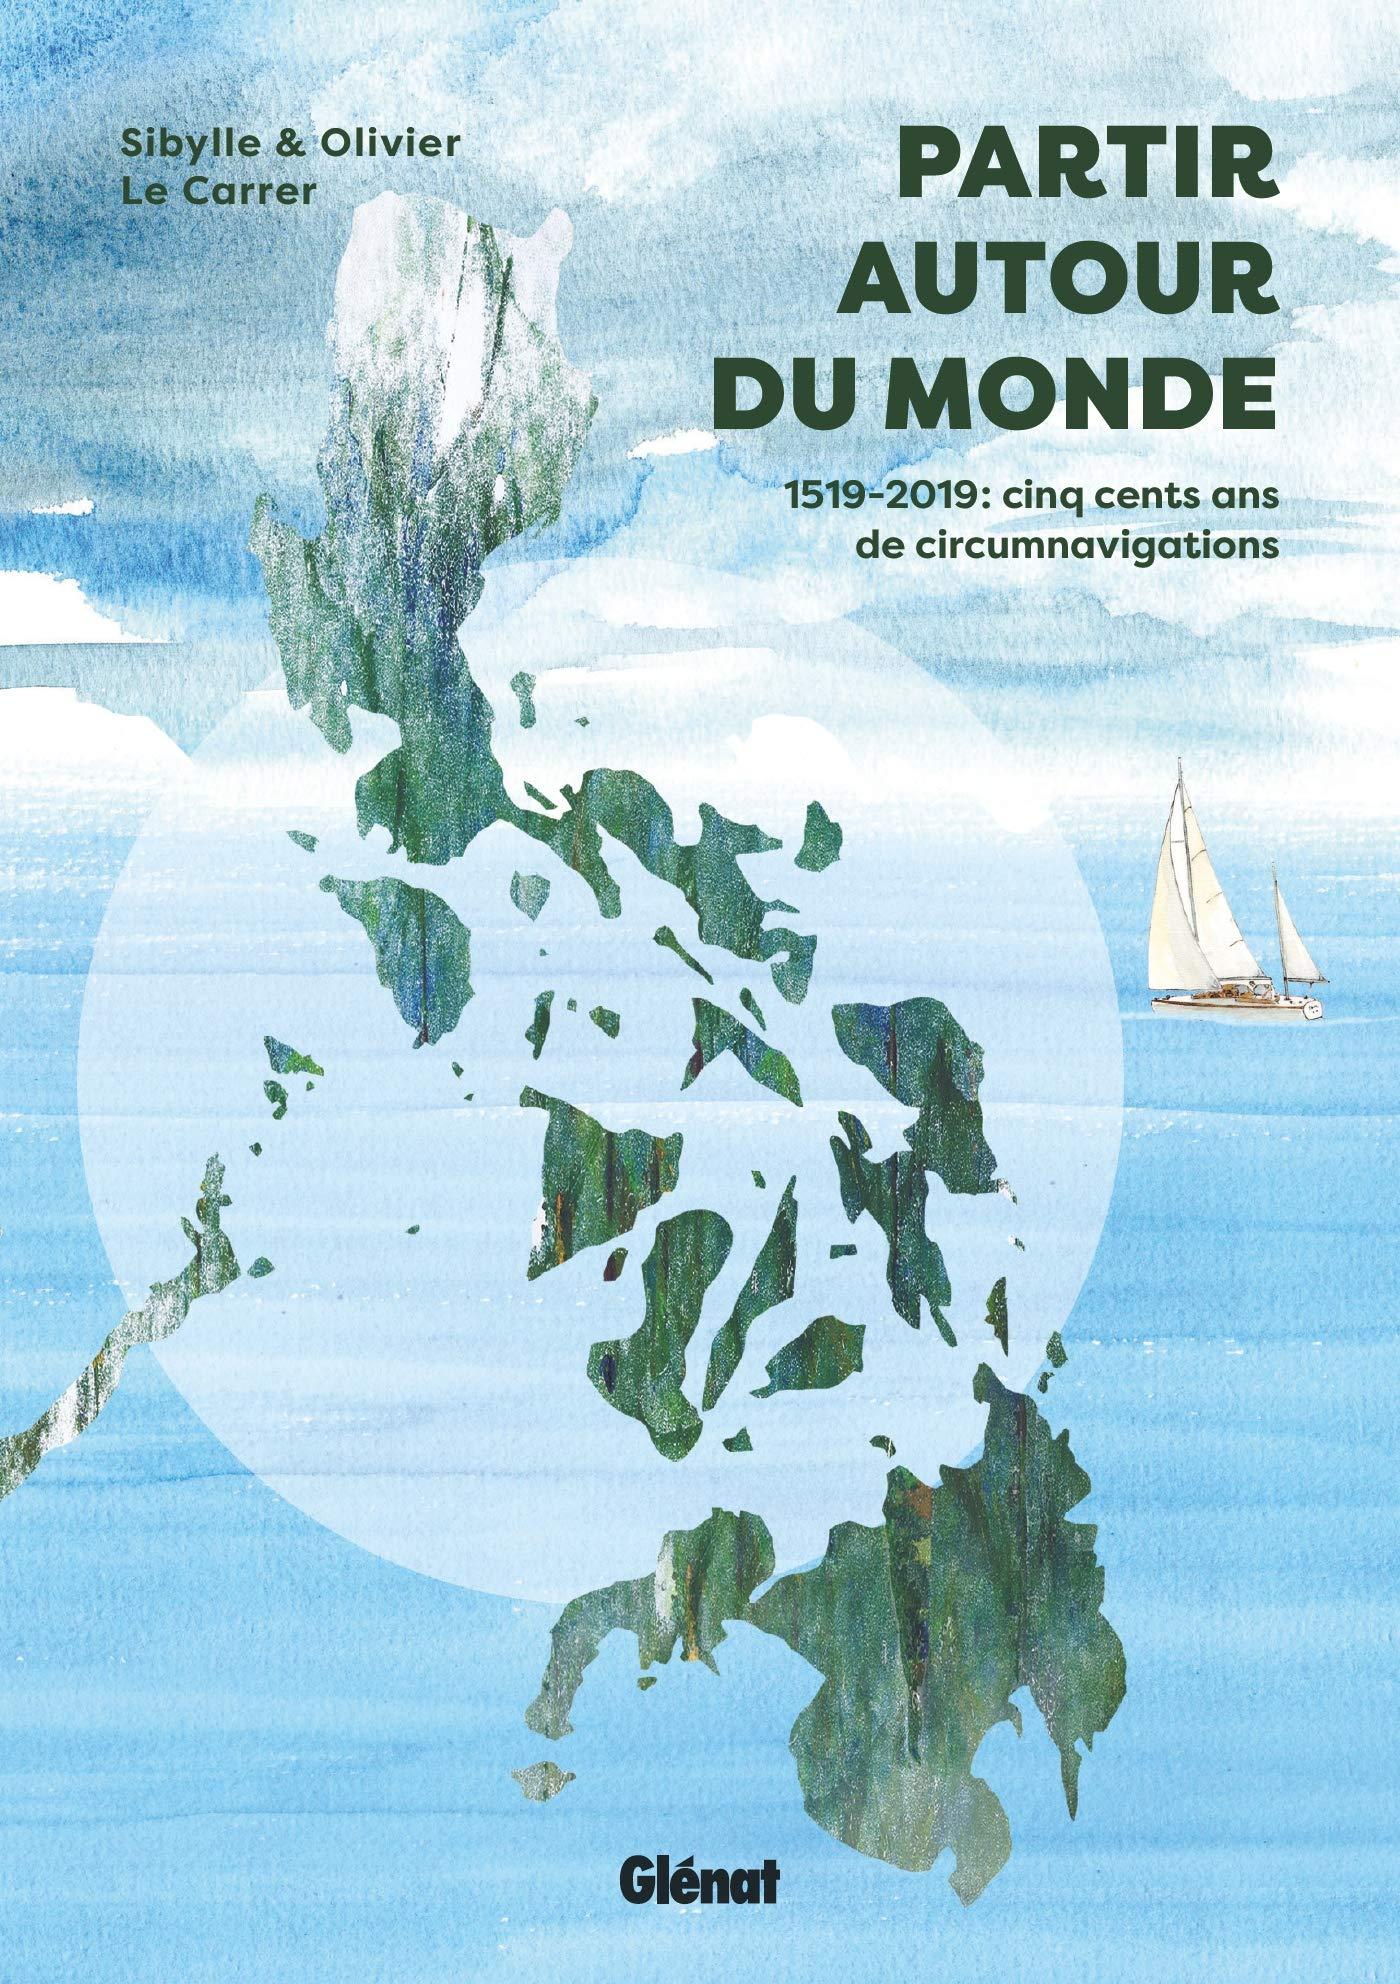 Partir autour du monde: 1519-2019 : cinq cents ans de circumnavigations